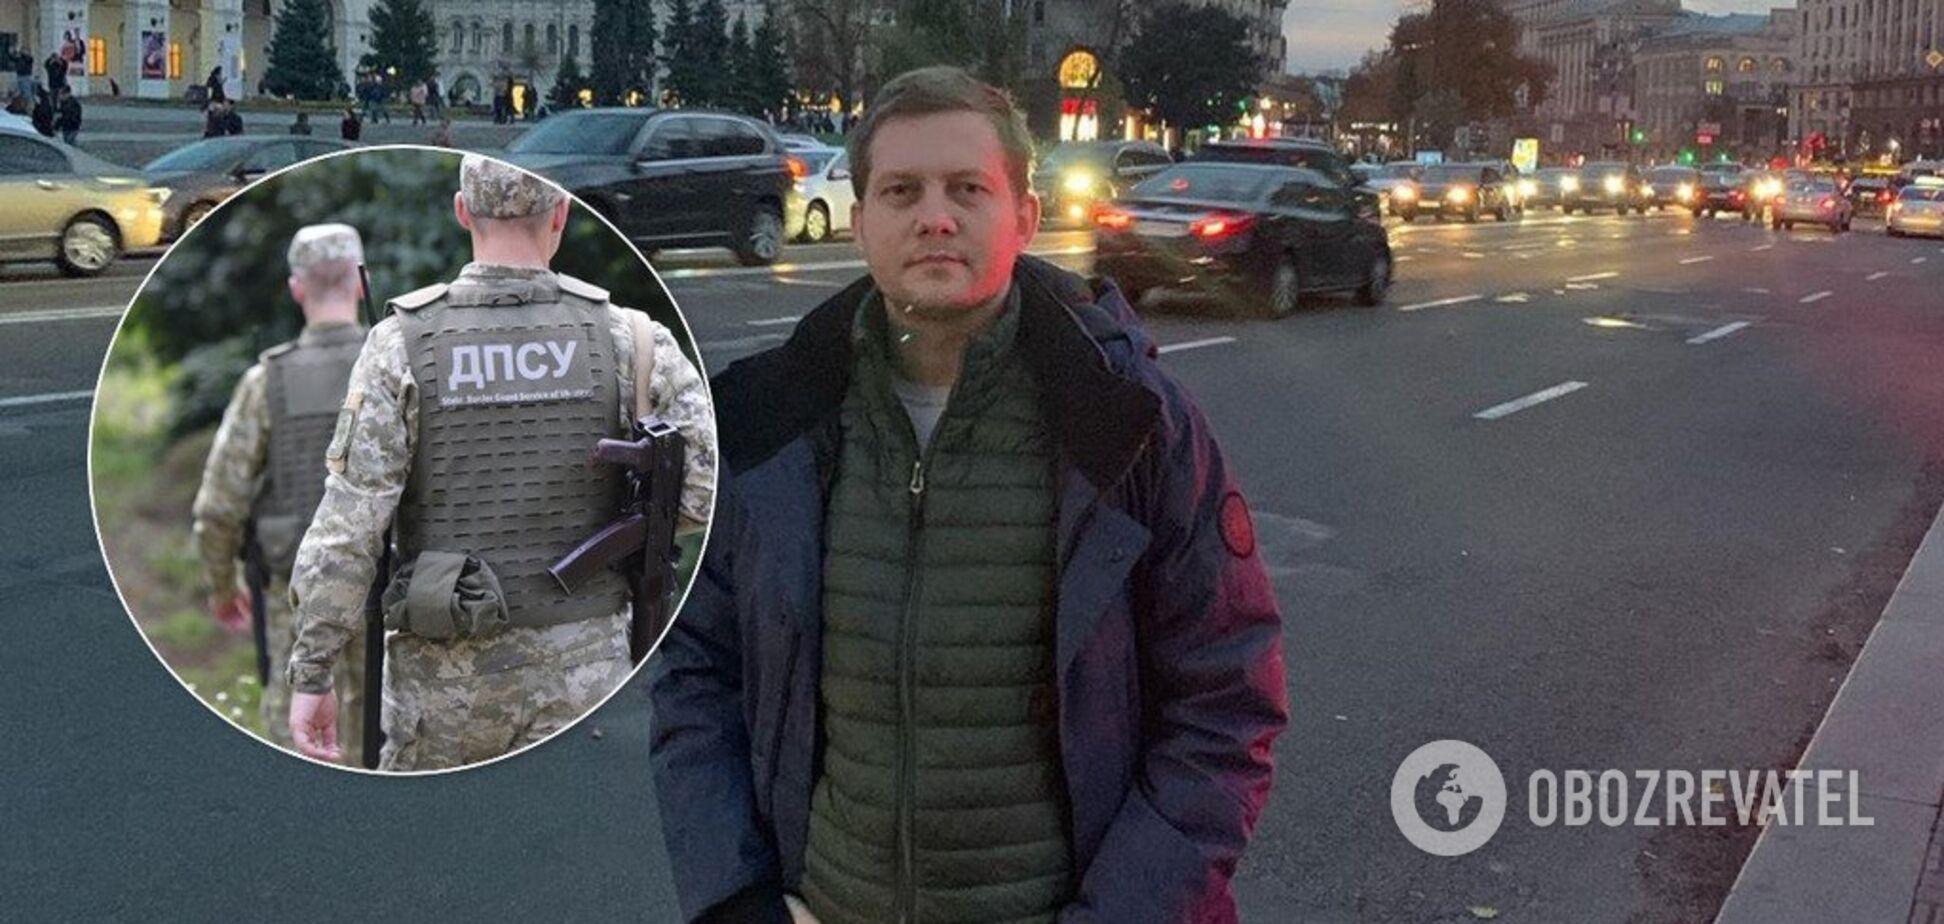 Визит пропагандиста в Украину: пограничник и СБУ неожиданно ответили на скандал